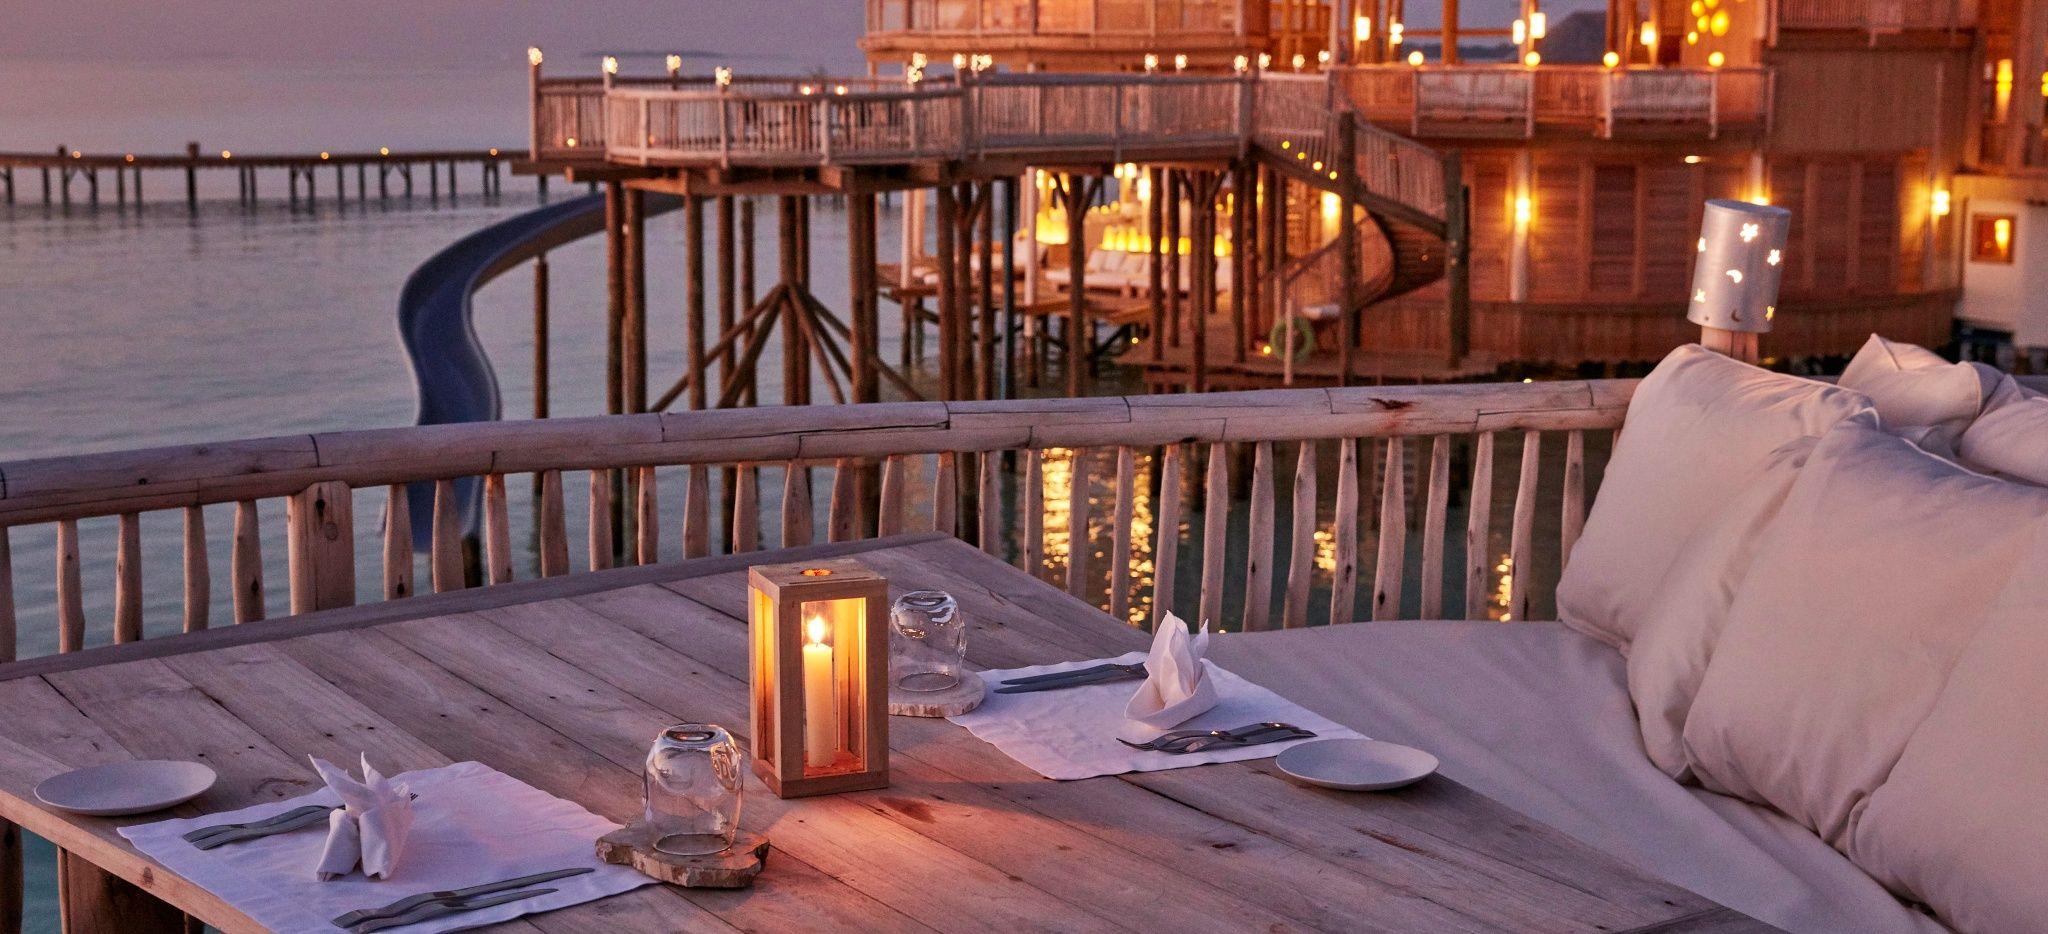 """Ein Dinner-Tisch mit Blick auf das Hauptgebäude des Hotels """"Soneva Jani"""""""